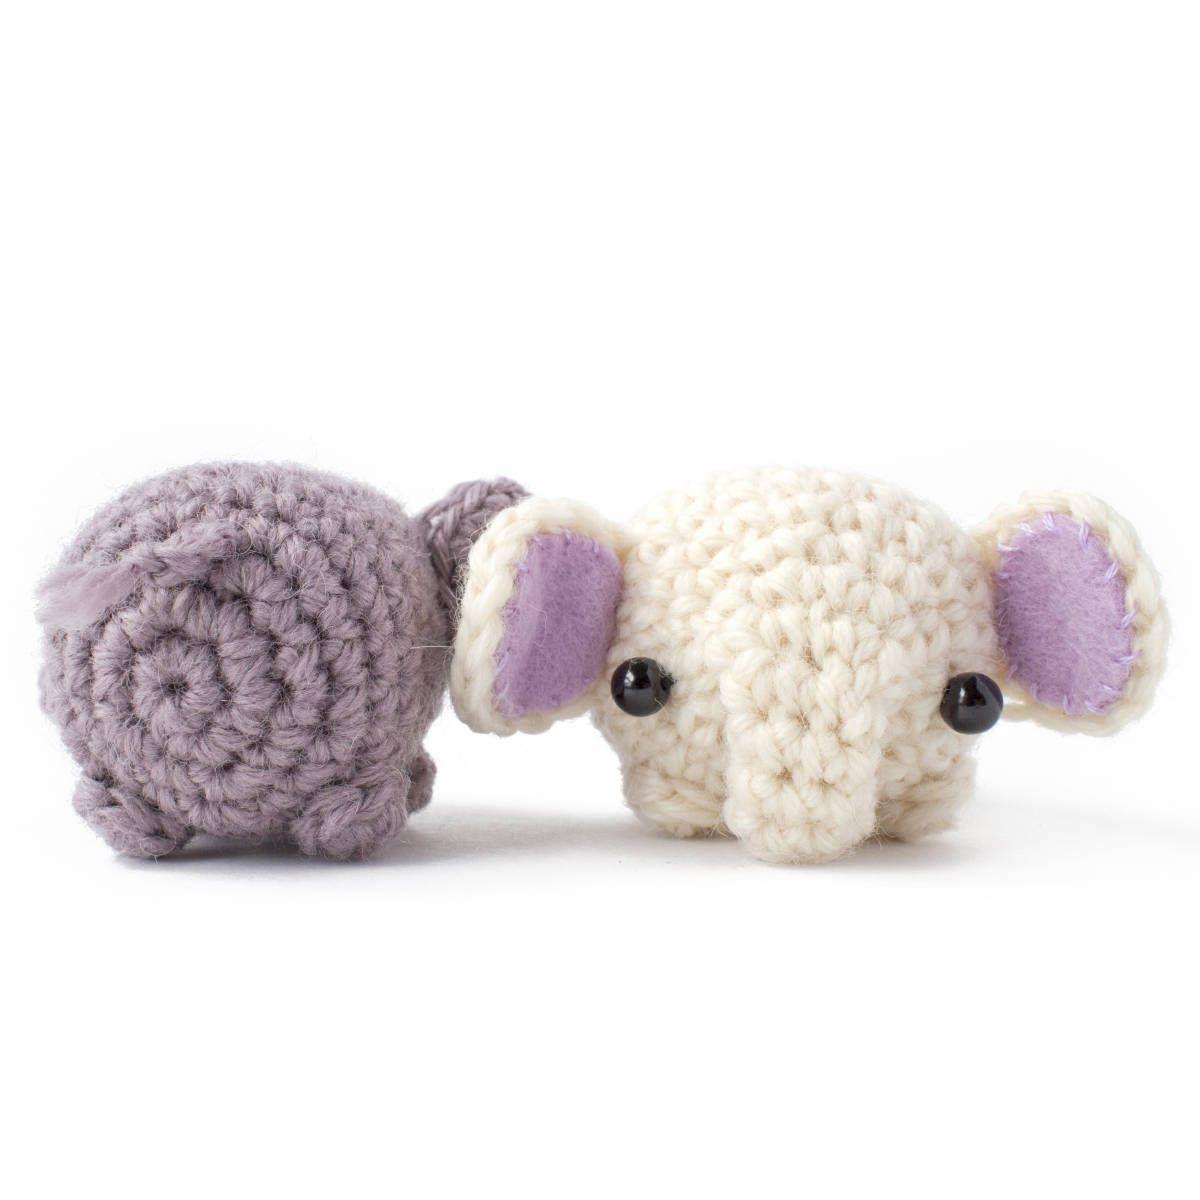 crochet elephant pattern easy amigurumi pattern   Etsy #crochetelephantpattern